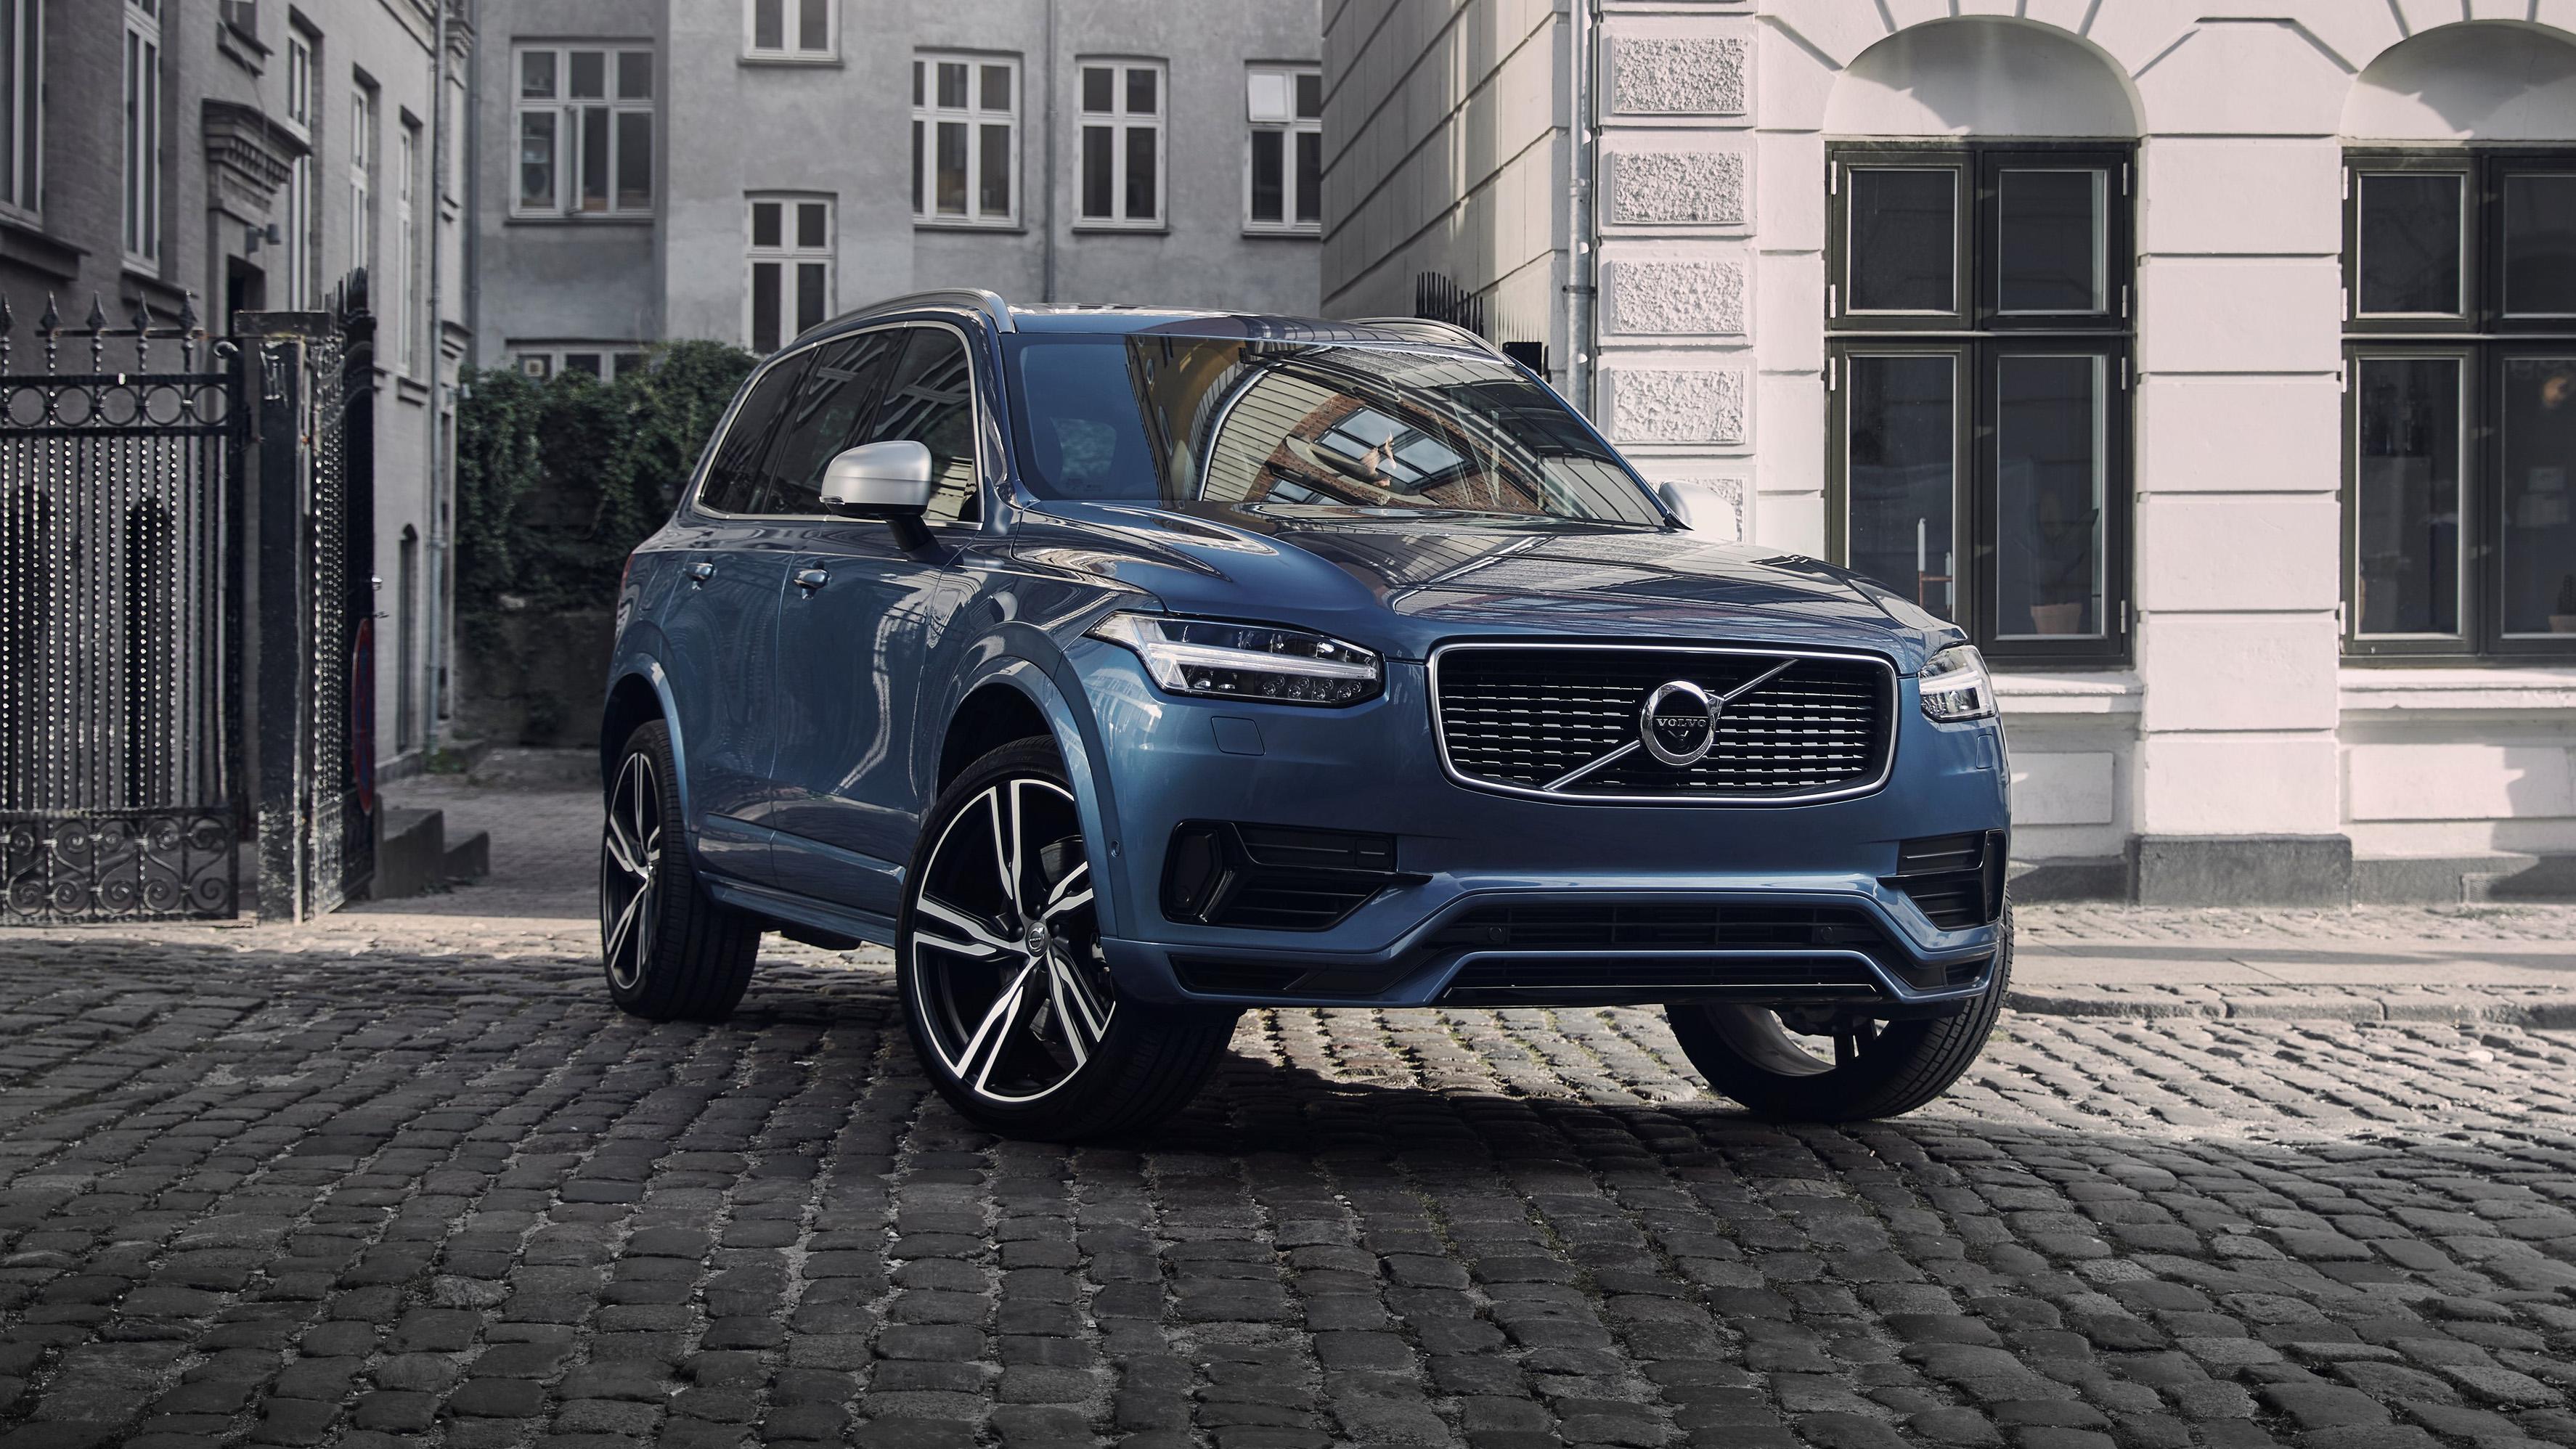 Volvo XC90 front